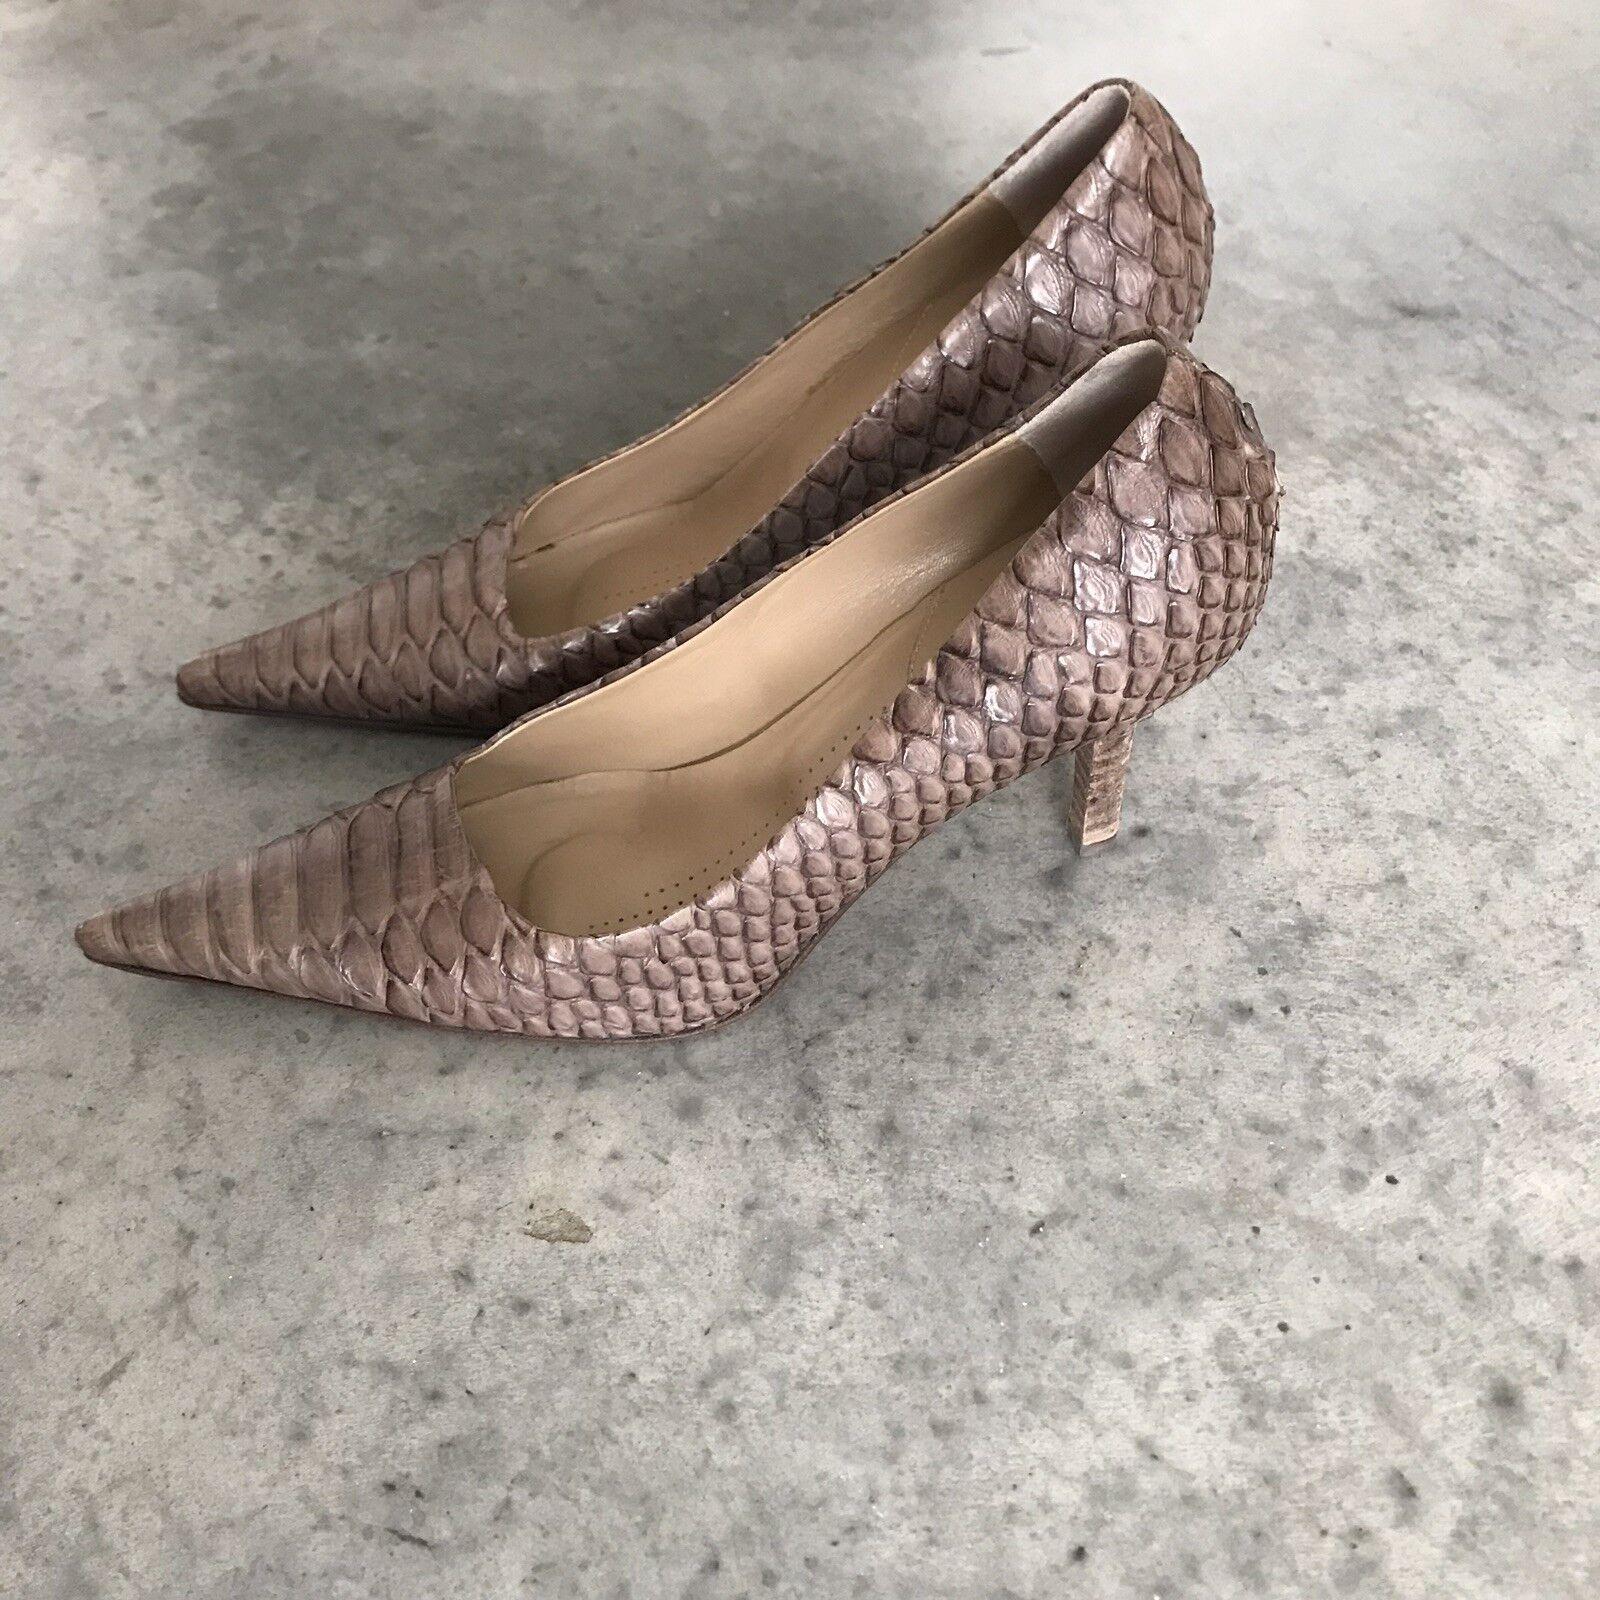 Dusica Dusica Snakeskin braun Leather Pointed Stilettos Pointy Heels SZ 37   7